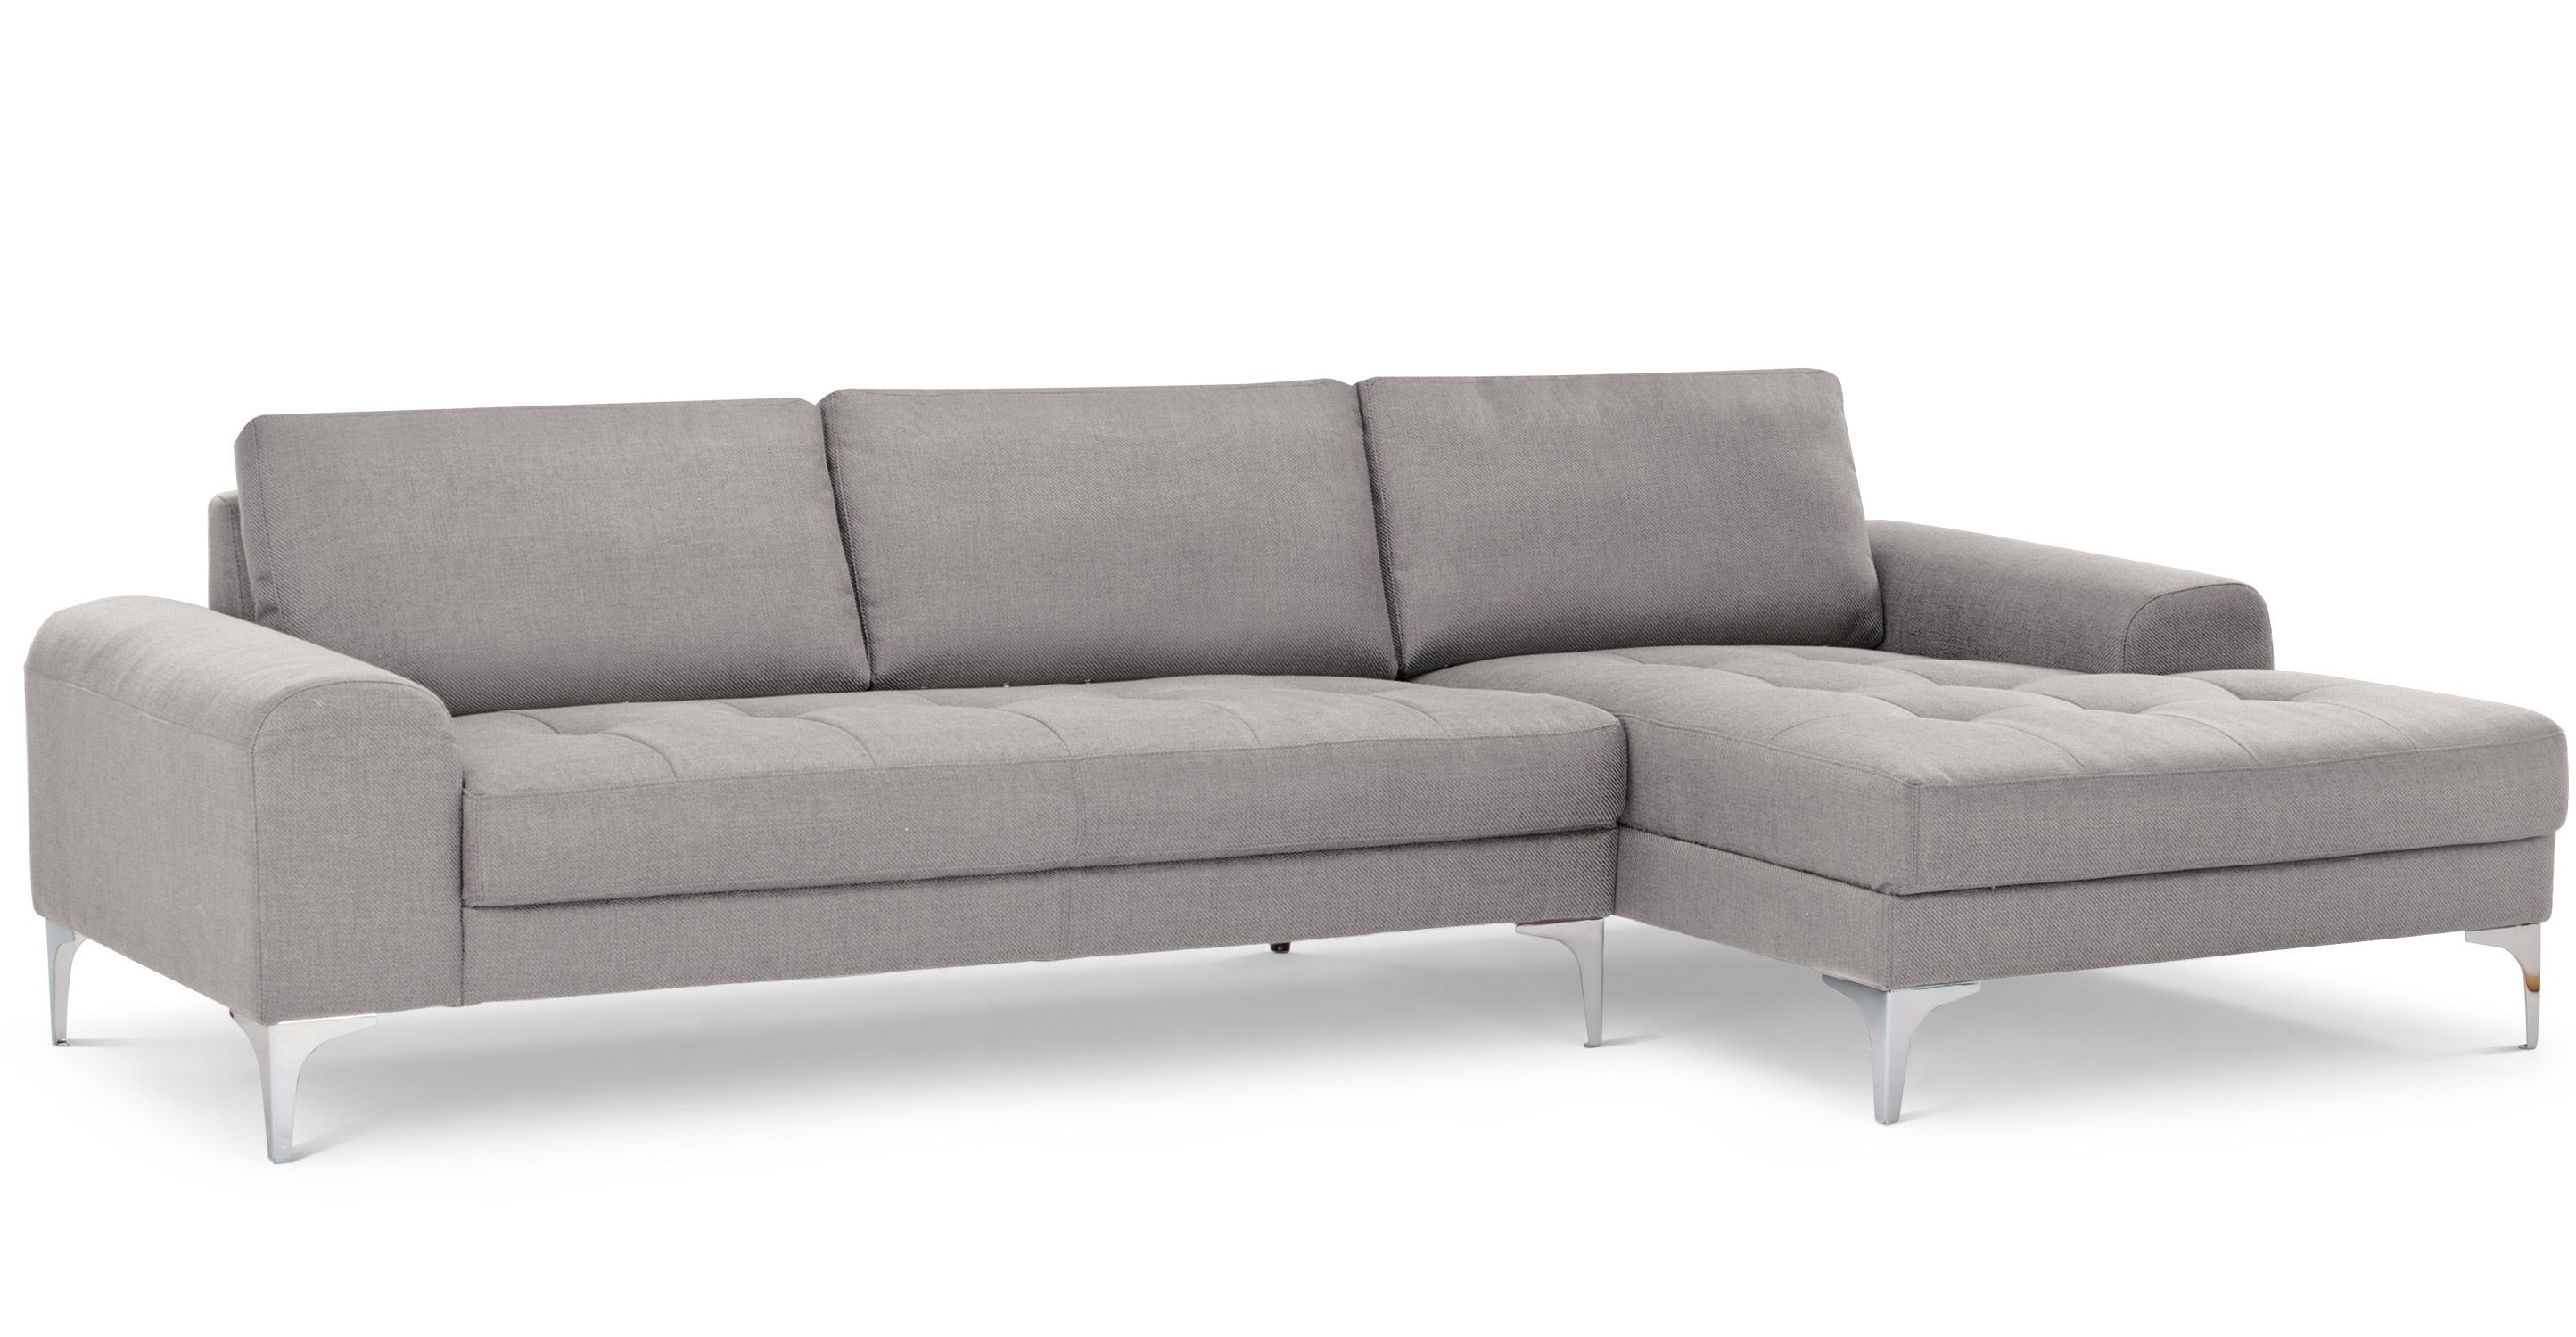 vittorio, un canapé d'angle droit gris perle | perle, mani e grigio - Angolo Chaise Whistler Grigio